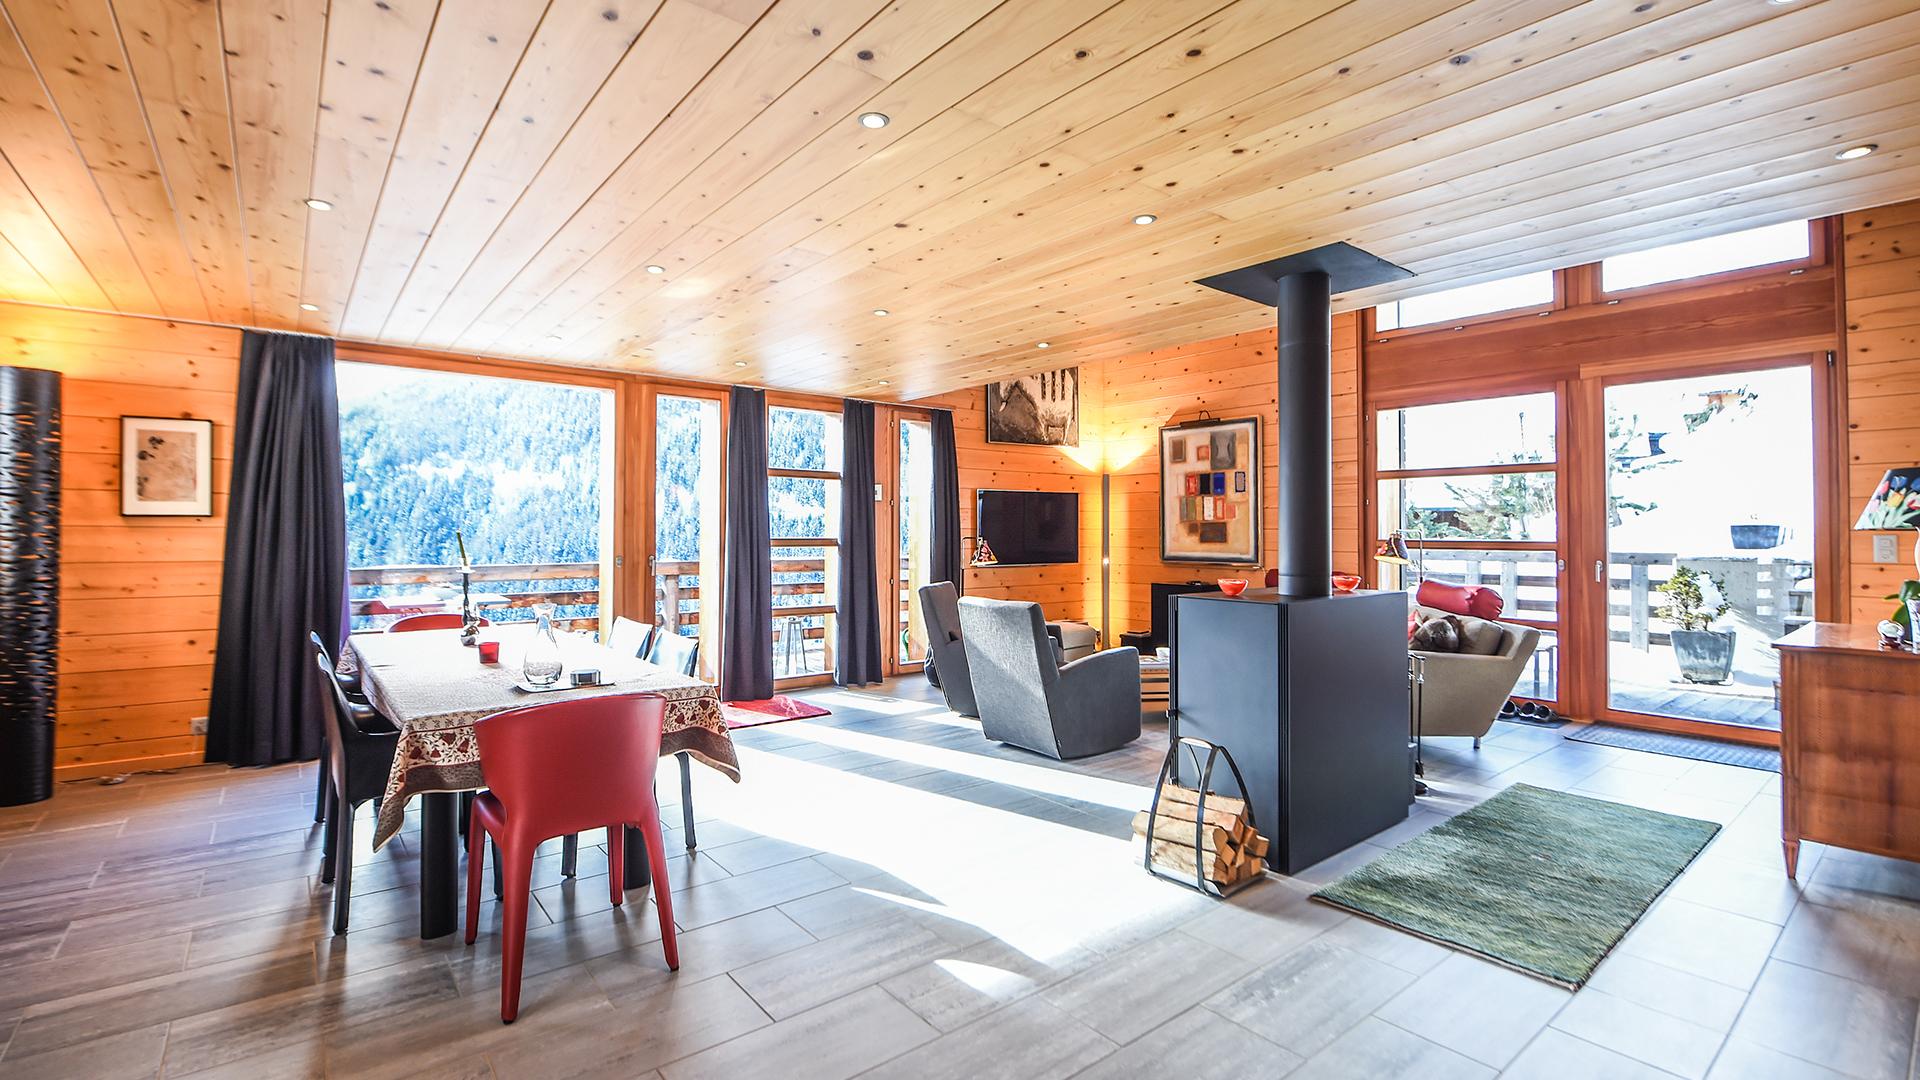 Chalet Max Chalet, Switzerland